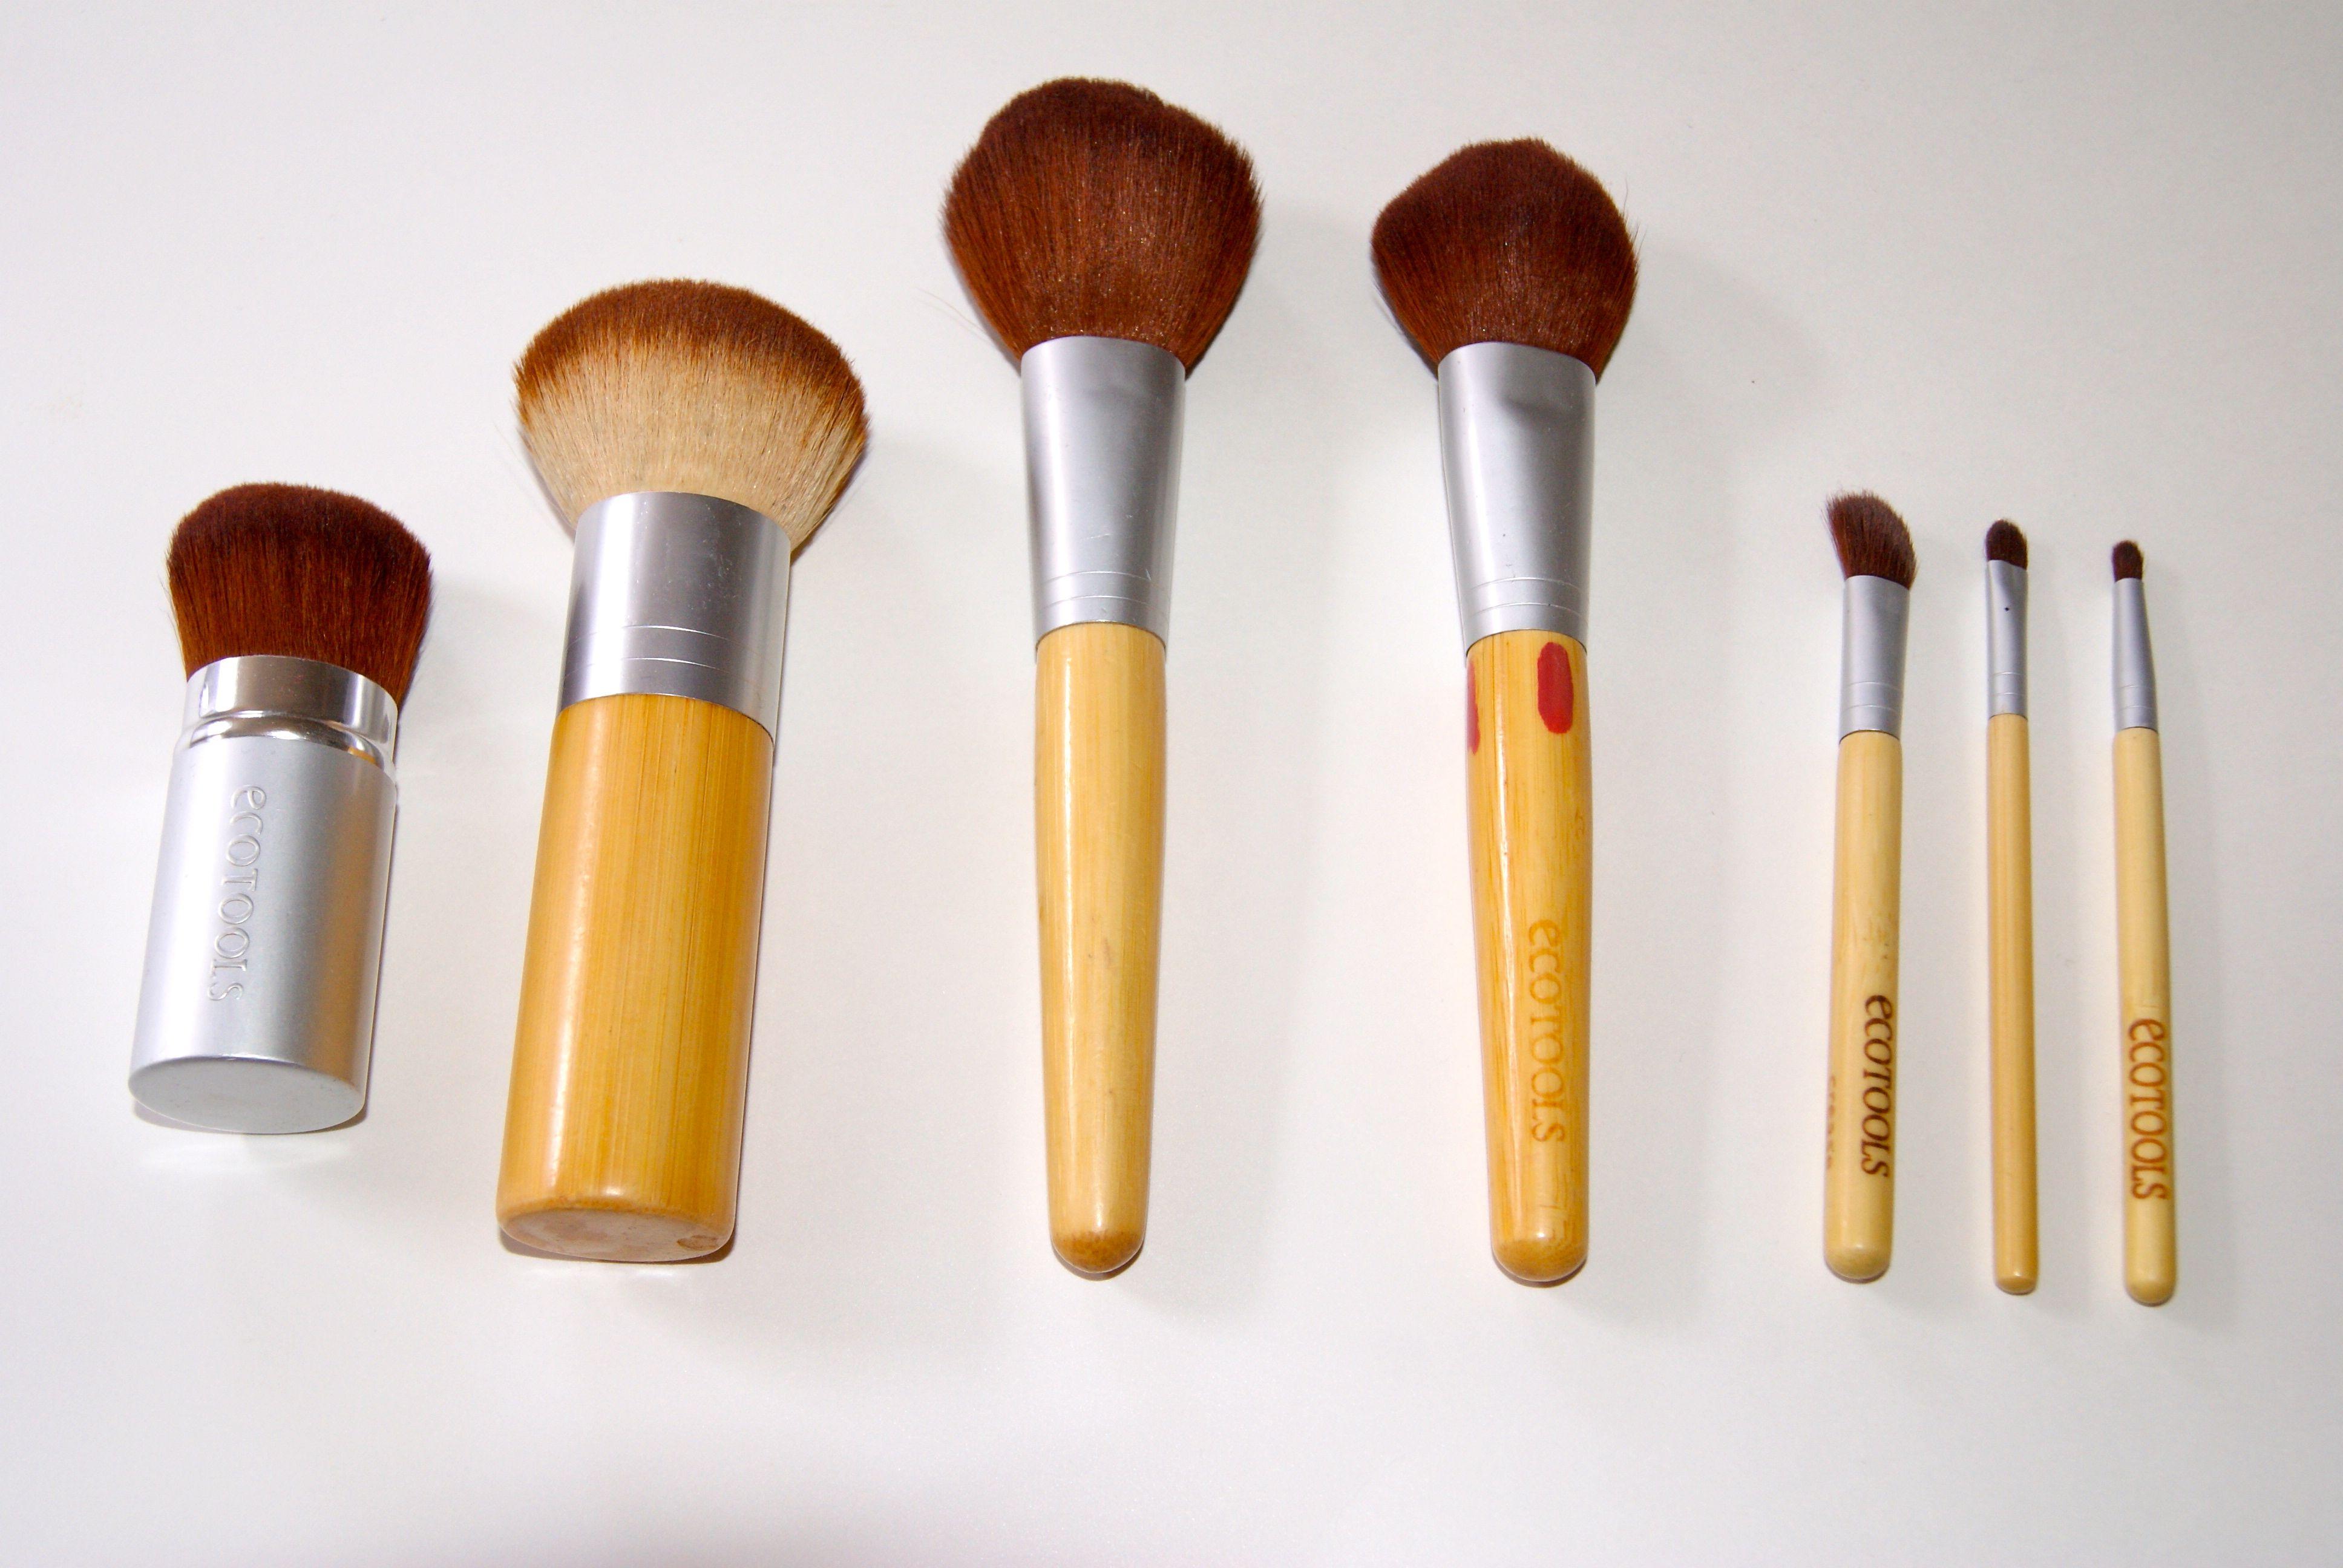 My makeup tools!